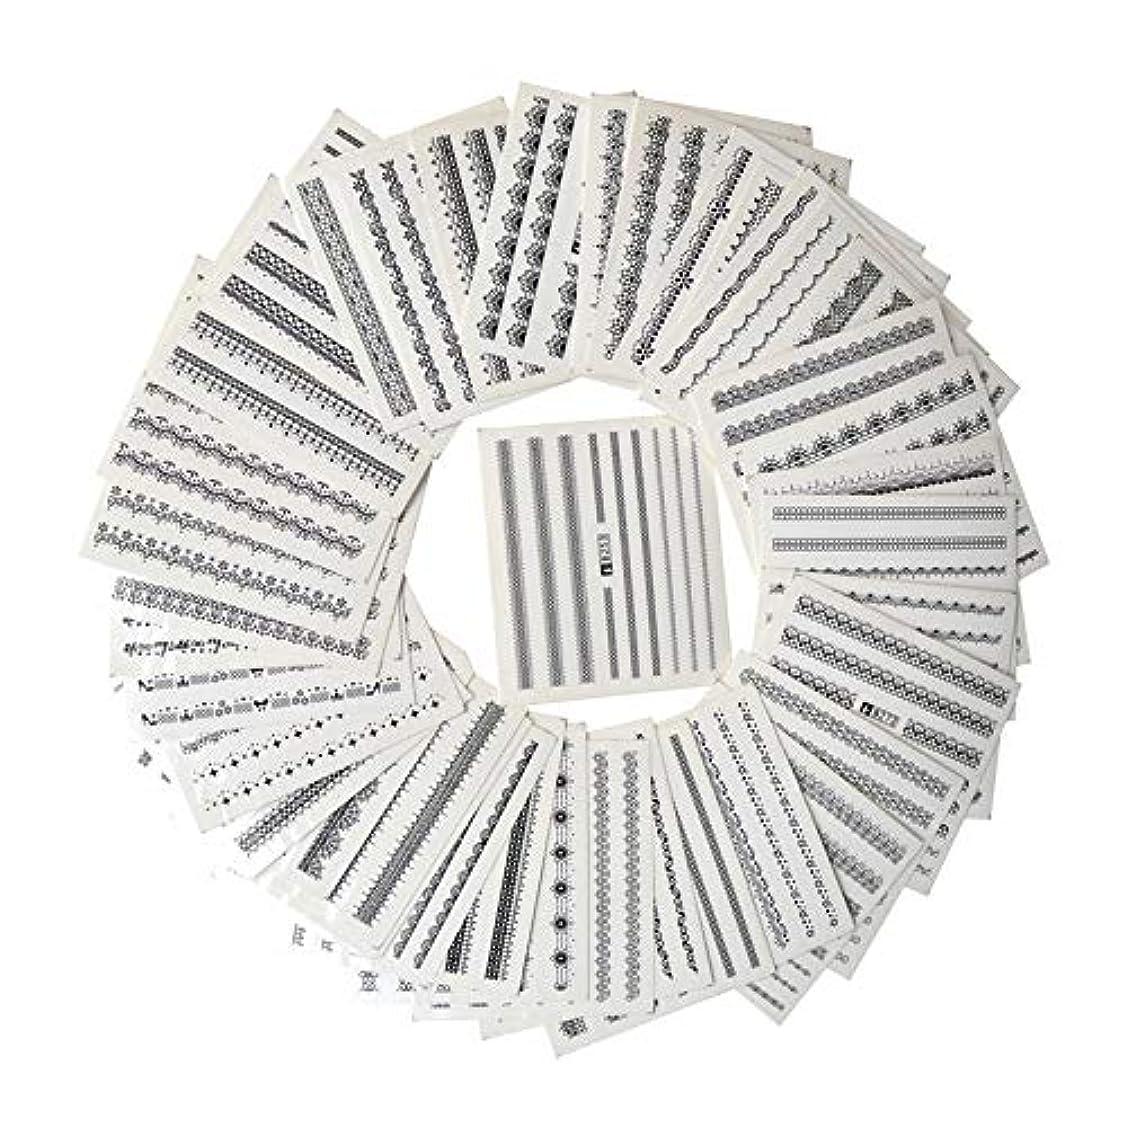 破滅的な中世の保証金SUKTI&XIAO ネイルステッカー マニキュアのための39枚のシートのDiyのステッカーの釘の芸術水移動の印刷のステッカー